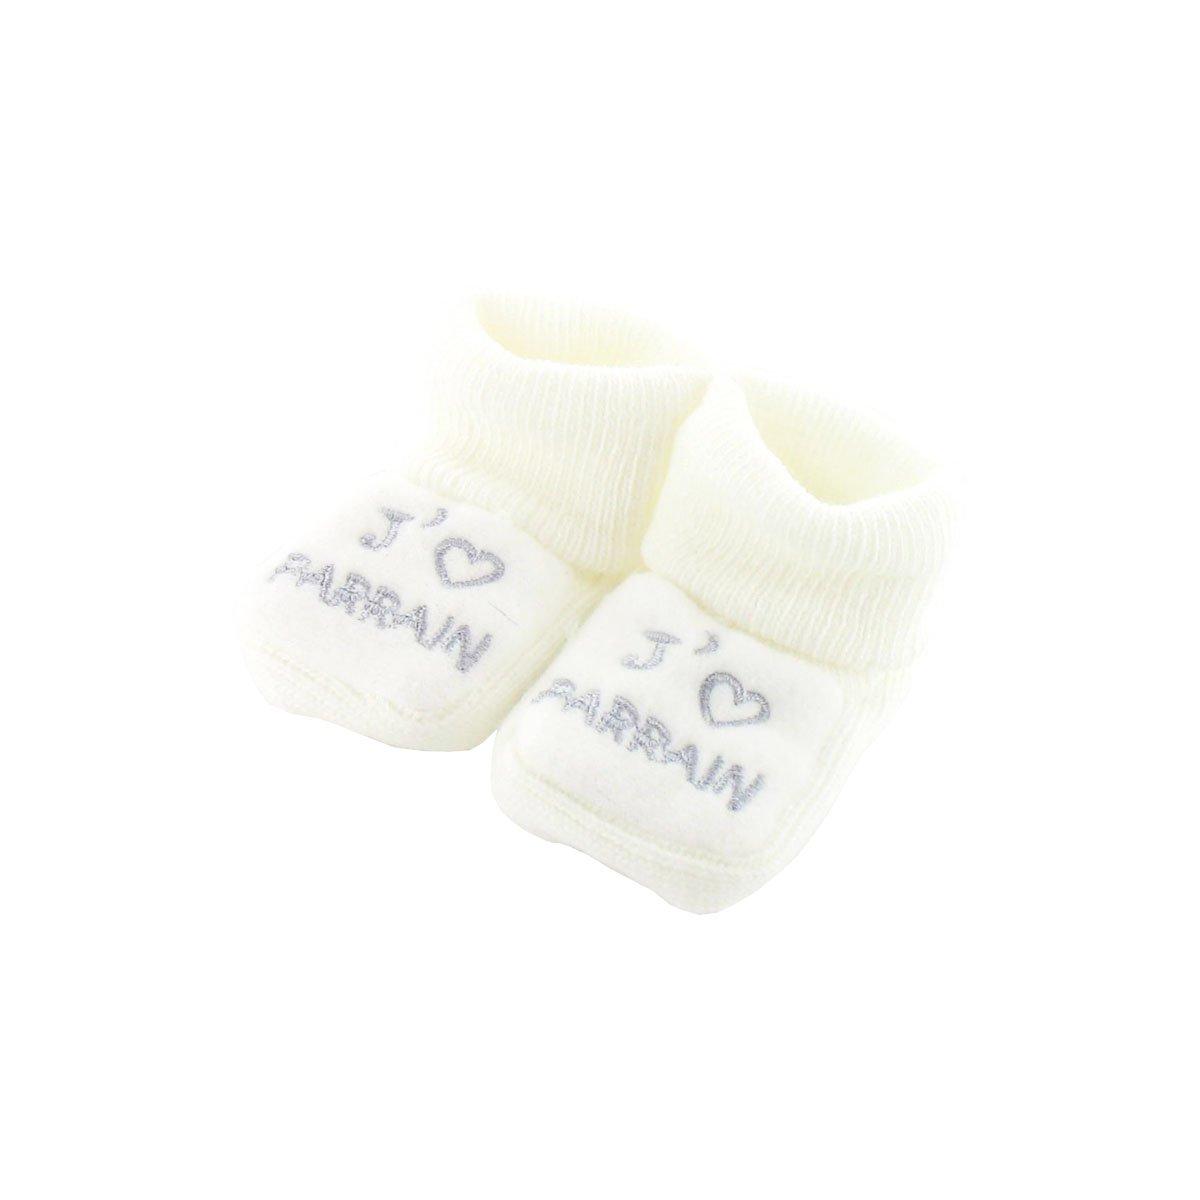 Chaussons pour bébé 0 à 3 Mois blanc - J'aime tata 1PRyg